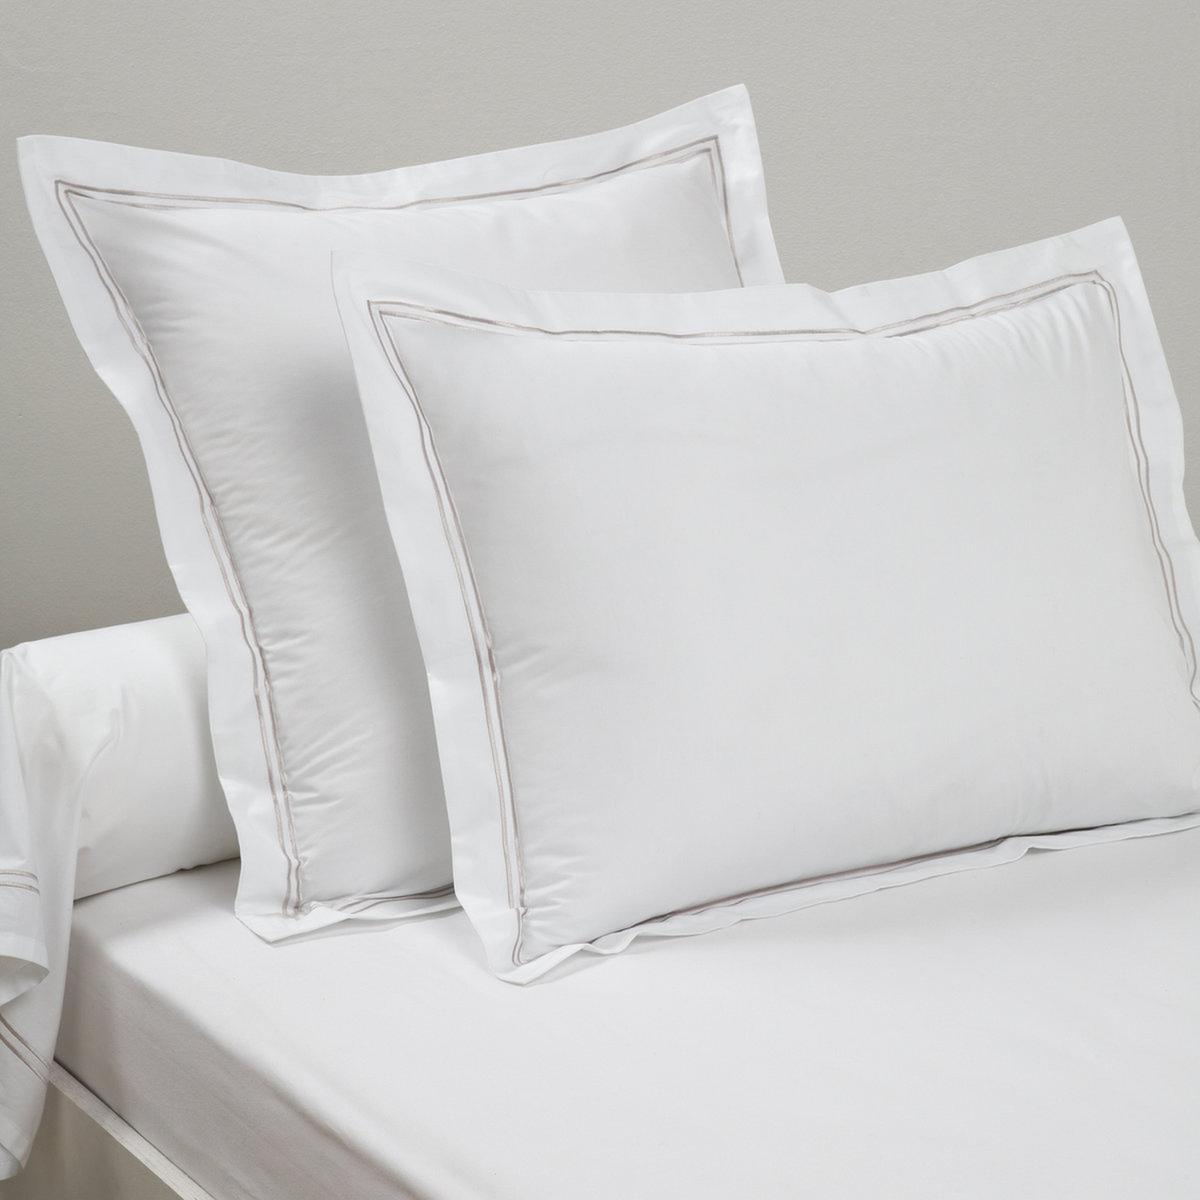 Наволочка на подушку-валик из хлопковой перкали, PalacePalace :Постельное белье, сочетающее простоту и шик двойного контрастного канта светло-серого цвета на однотонном белом или сером фоне  . Характеристики наволочек на подушку-валик Palace : - Перкаль, 100% хлопка - настоящий люкс для вашей спальни. Роскошная ткань с очень плотным переплетением нитей (80 нитей/см?), сотканная из длинных хлопковых волокон   . Чем плотнее переплетение нитей/см?, тем выше качество материала.На подушку-валик: двойной кант по краям  .- Машинная стирка при 60°, легко гладить..Знак Oeko-Tex® гарантирует отсутствие вредных для здоровья человека веществ в протестированных и сертифицированных изделиях.Размеры :85 x 185 см : Наволочка на подушку-валик   .Найдите комплект постельного белья по названию Palace<br><br>Цвет: белый,темно-синий/серый